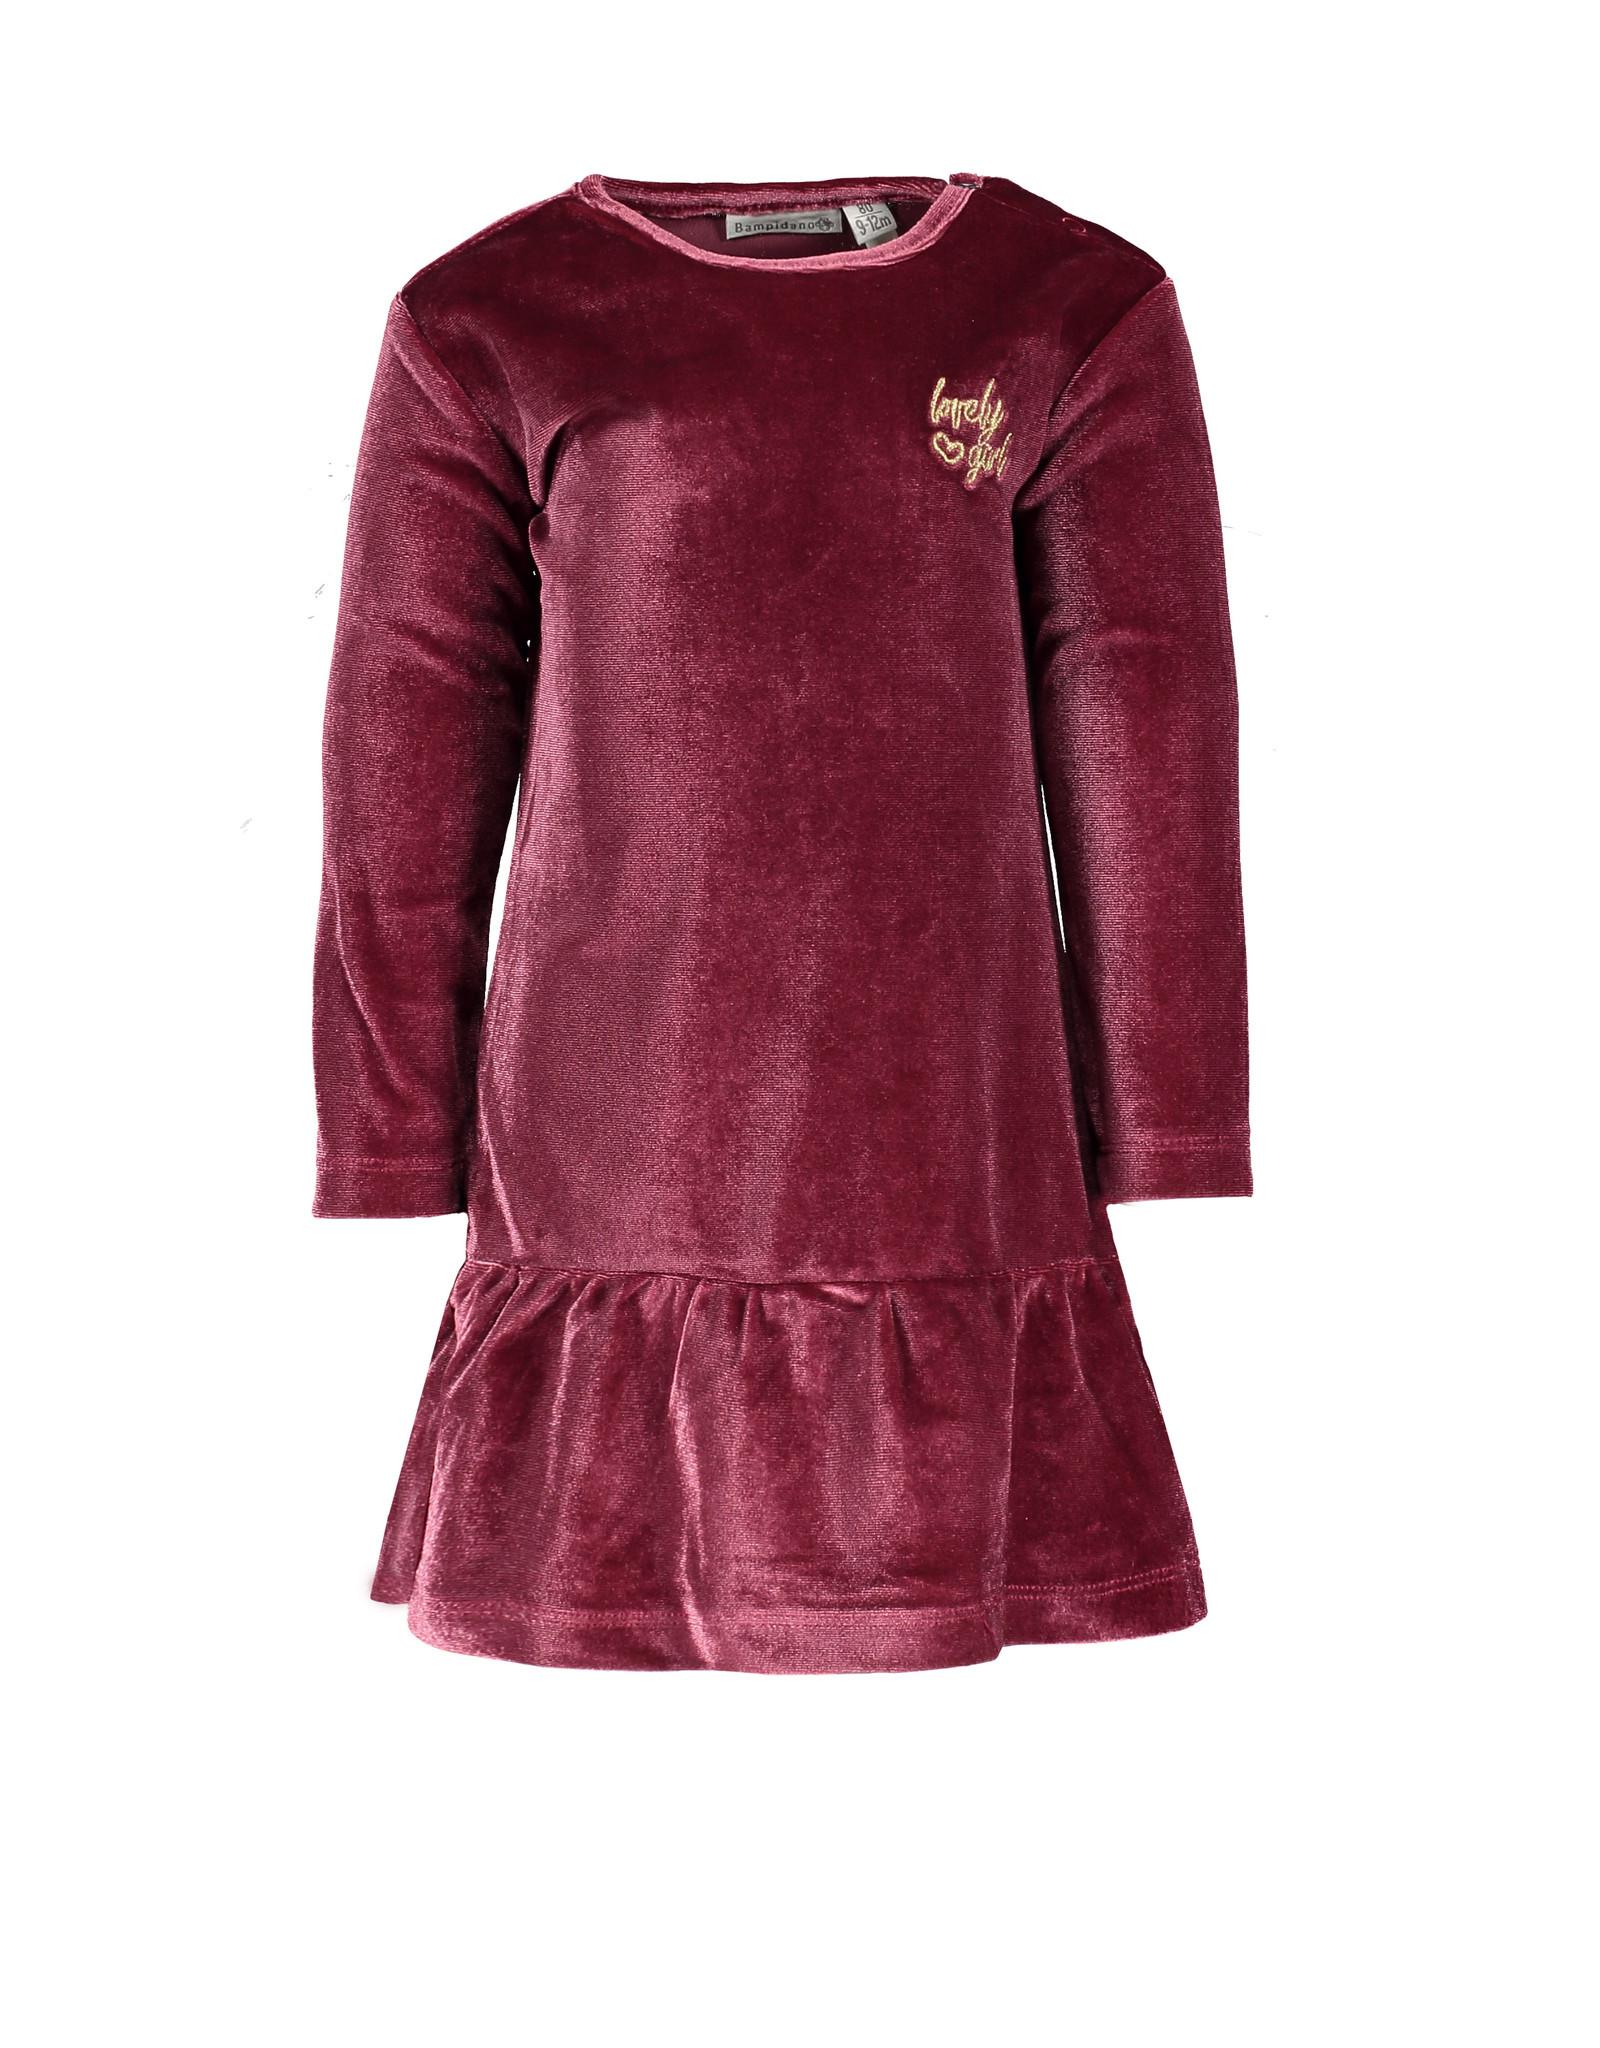 Bampidano Little Bampidano Baby Girls velvet dress Bella SWEET, bordeaux